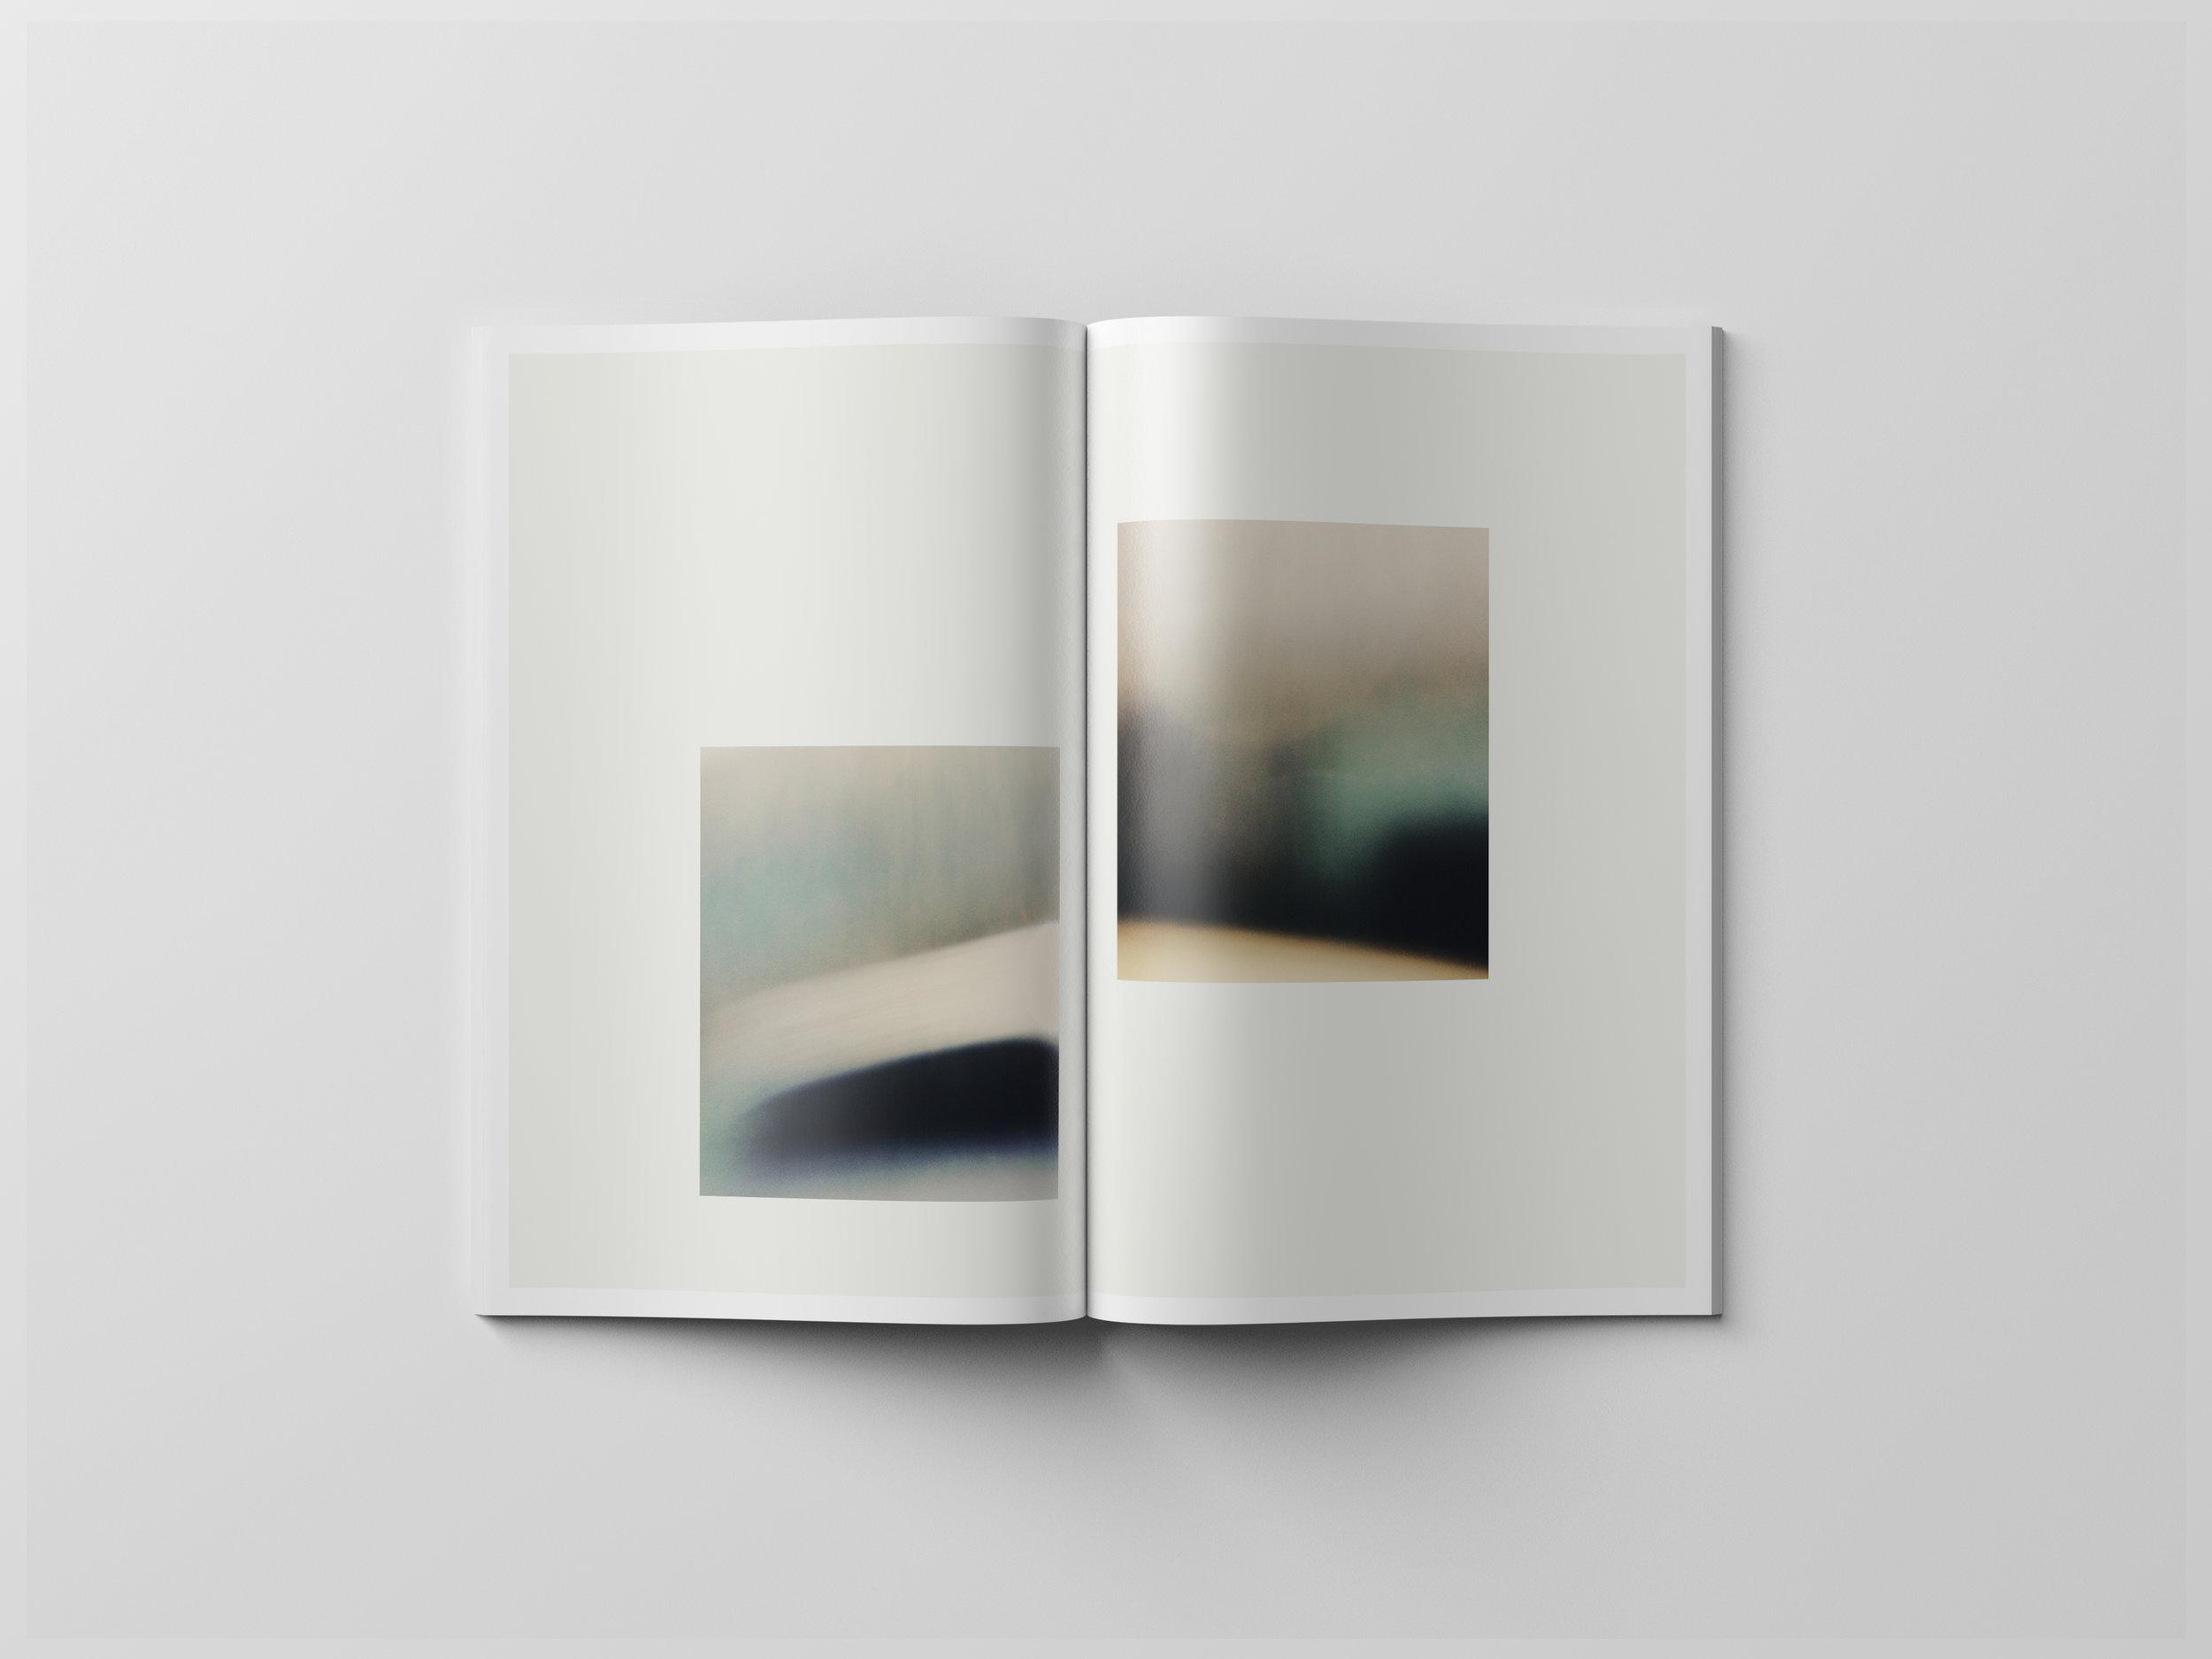 pg44-45.jpg